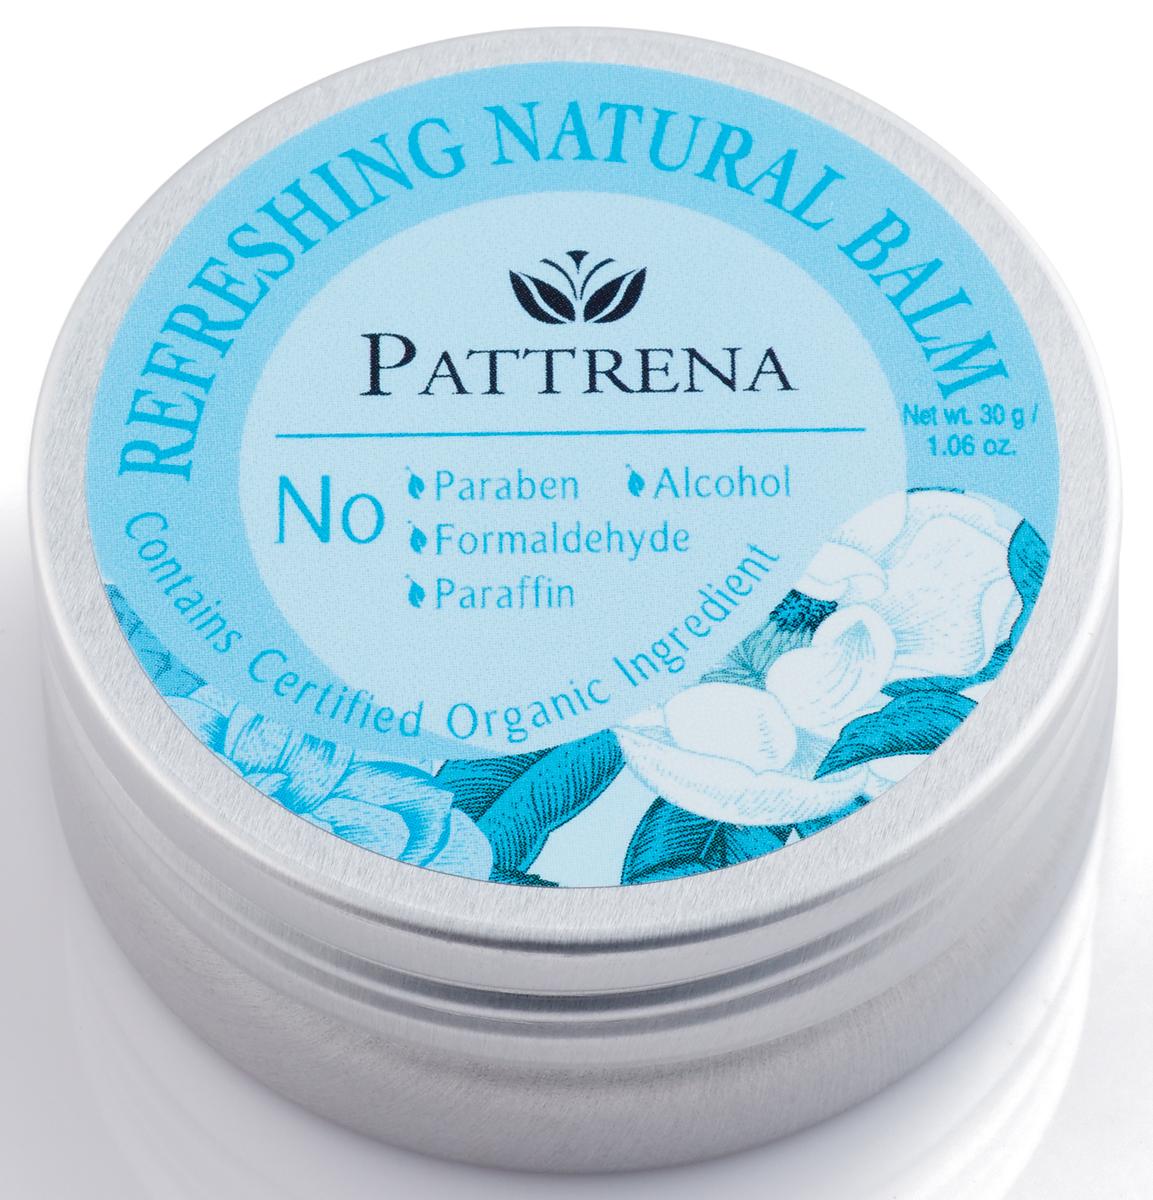 Pattrena Бальзам натуральный Освежающий, 30 г60255Универсальный бальзам без парабенов и парафина. Обогащен различными натуральными маслами, которые эффективно содействуют появлению ощущения расслабленности на коже.